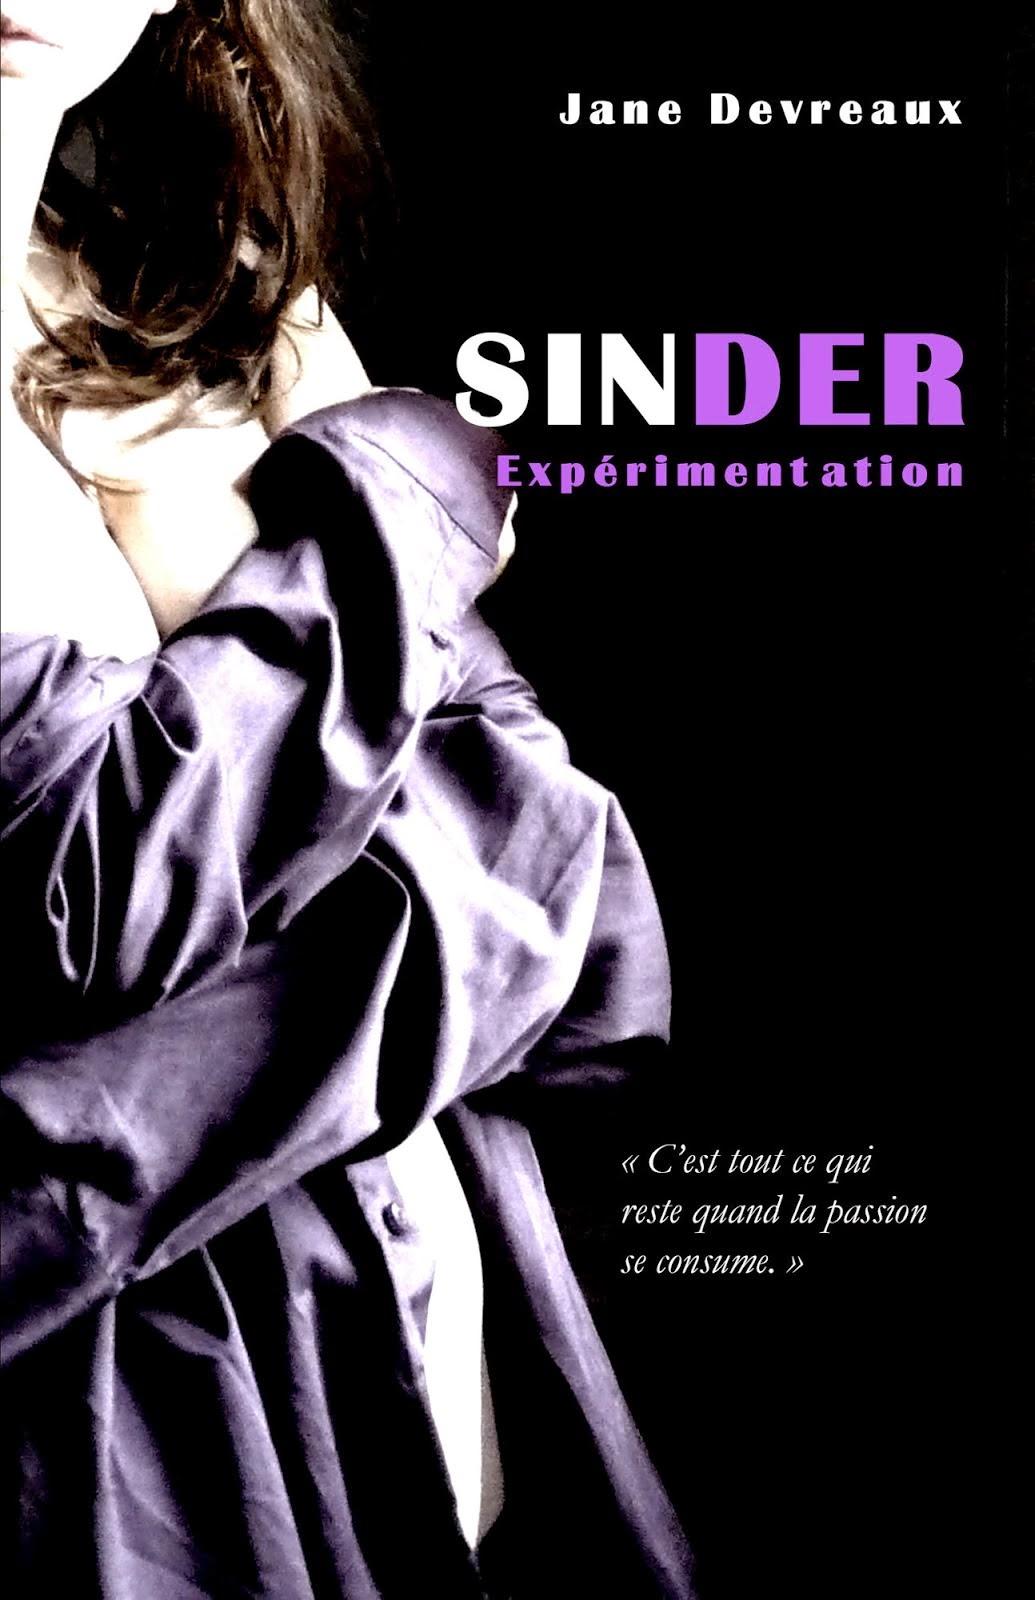 SINDER